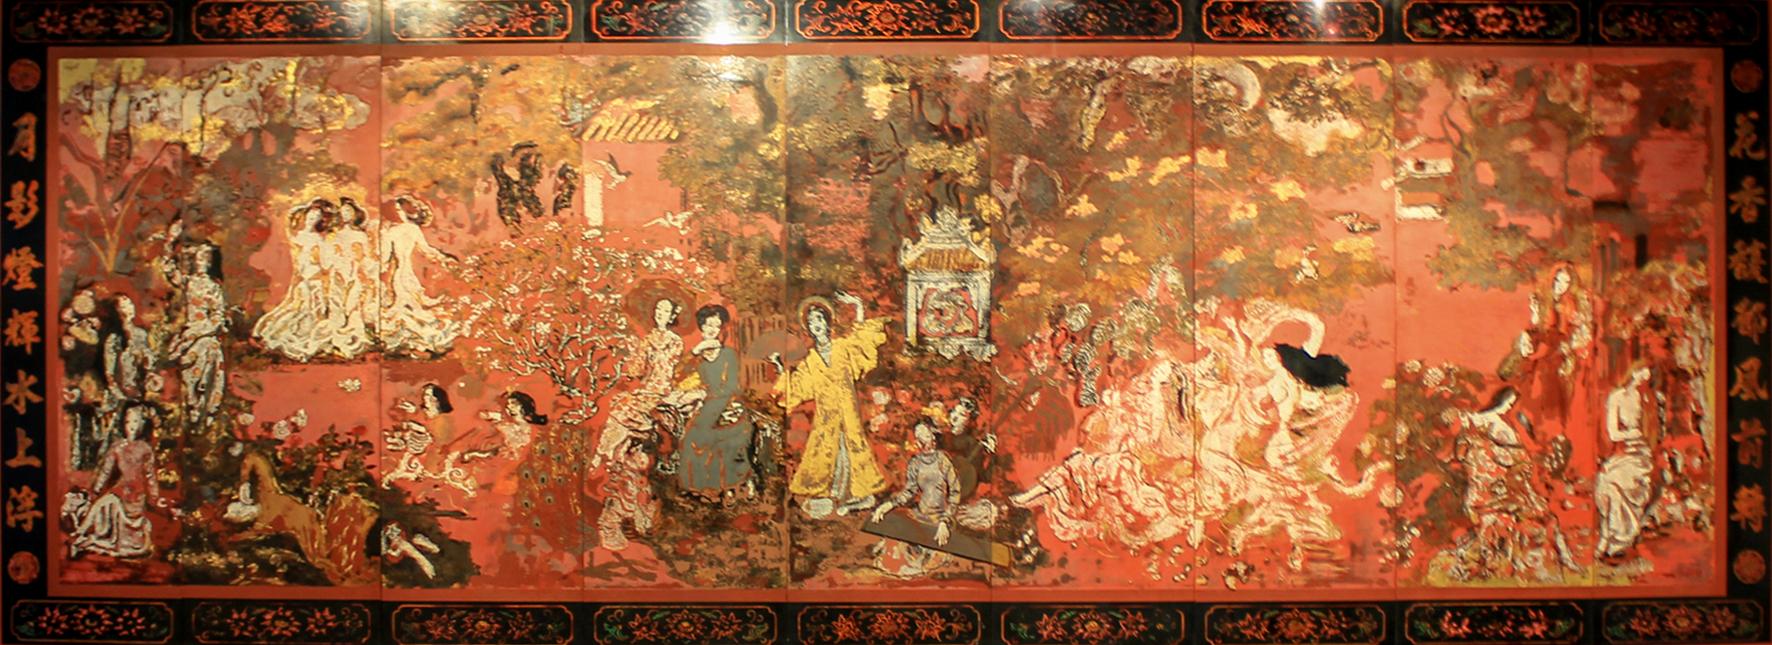 Các tác phẩm sơn mài của Họa sĩ Nguyễn Gia Trí - Văn nghệ Hà Tĩnh